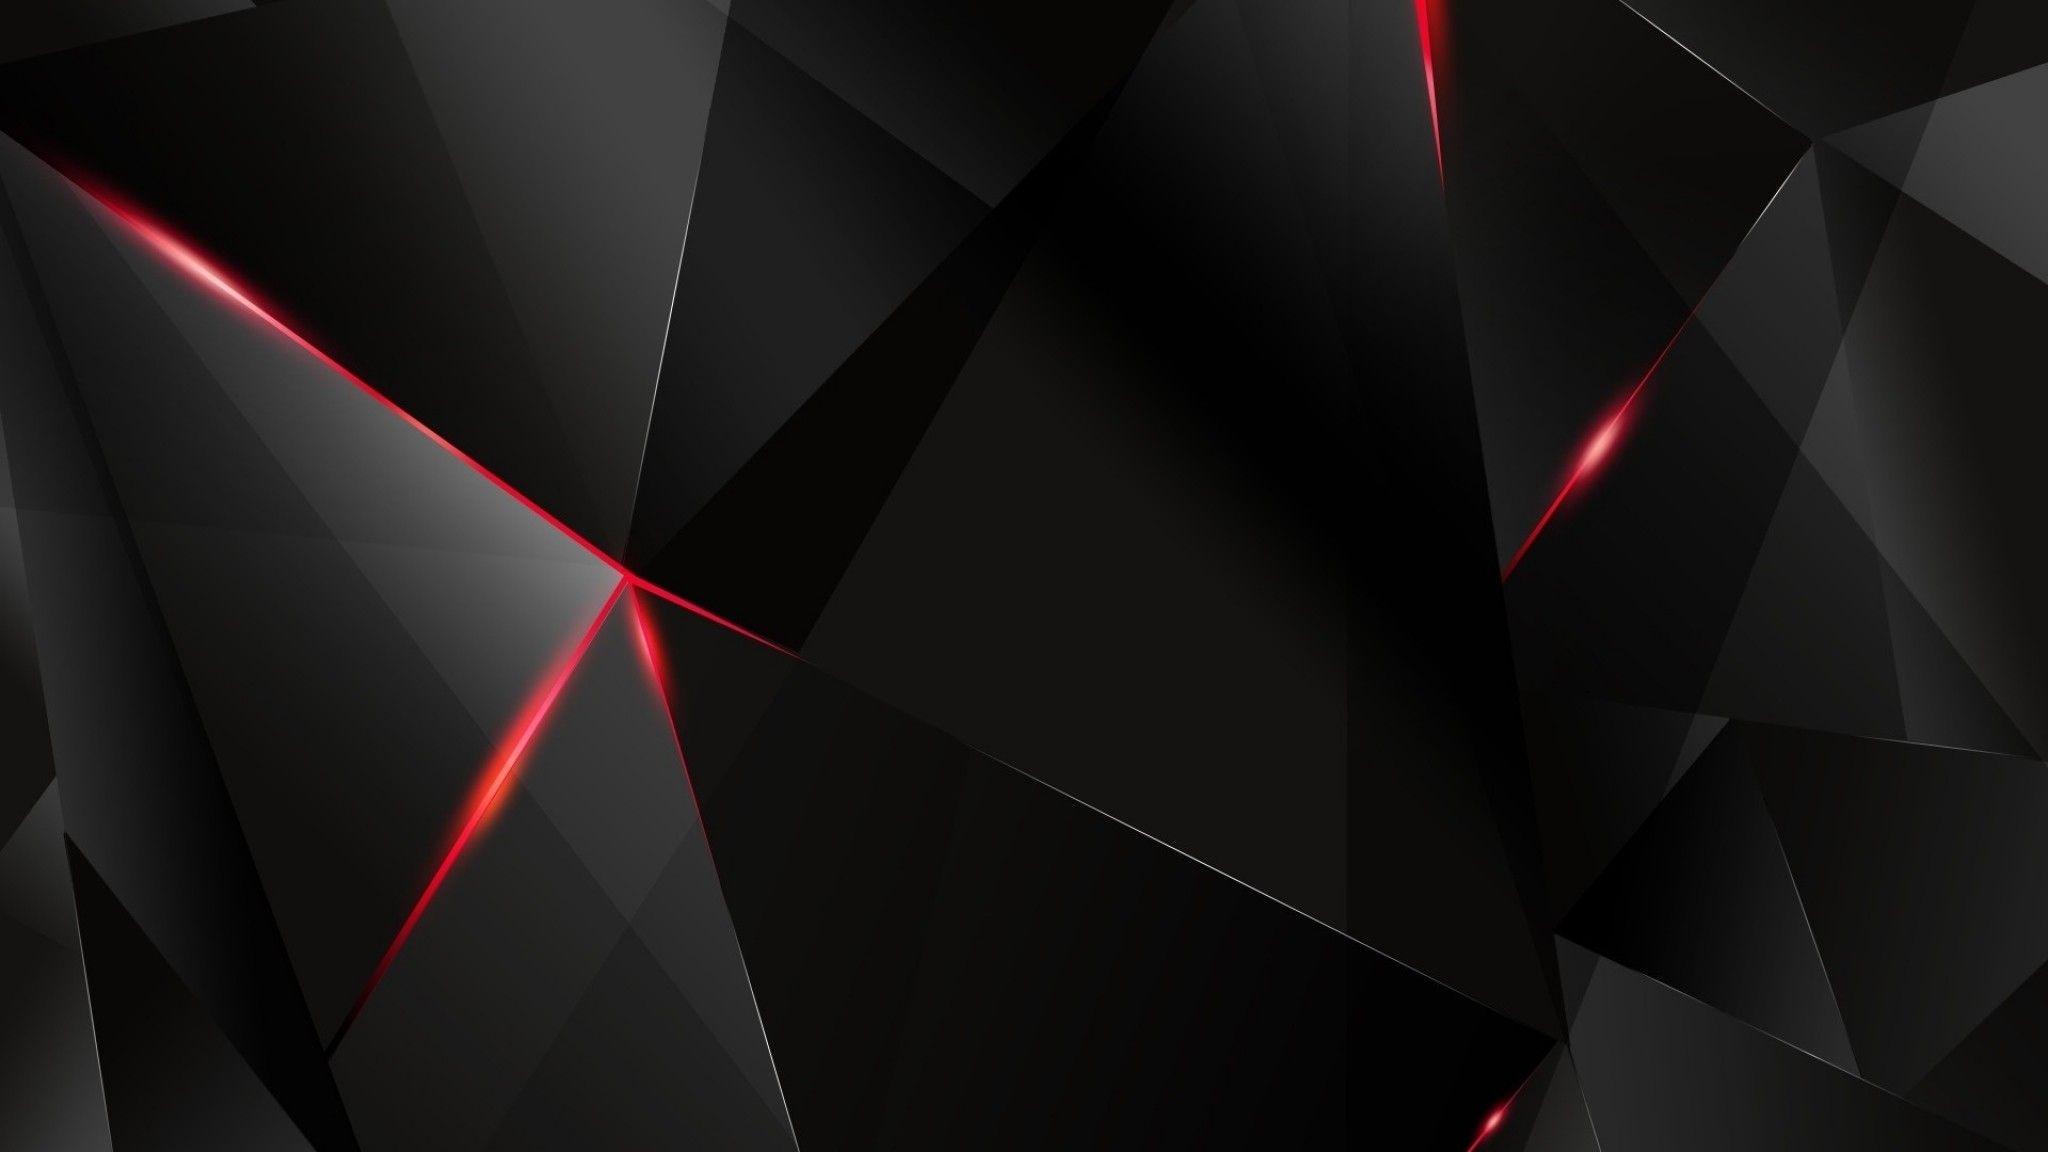 2048x1152 Wallpaper 2048x1152 Black Light Dark Figures Hd